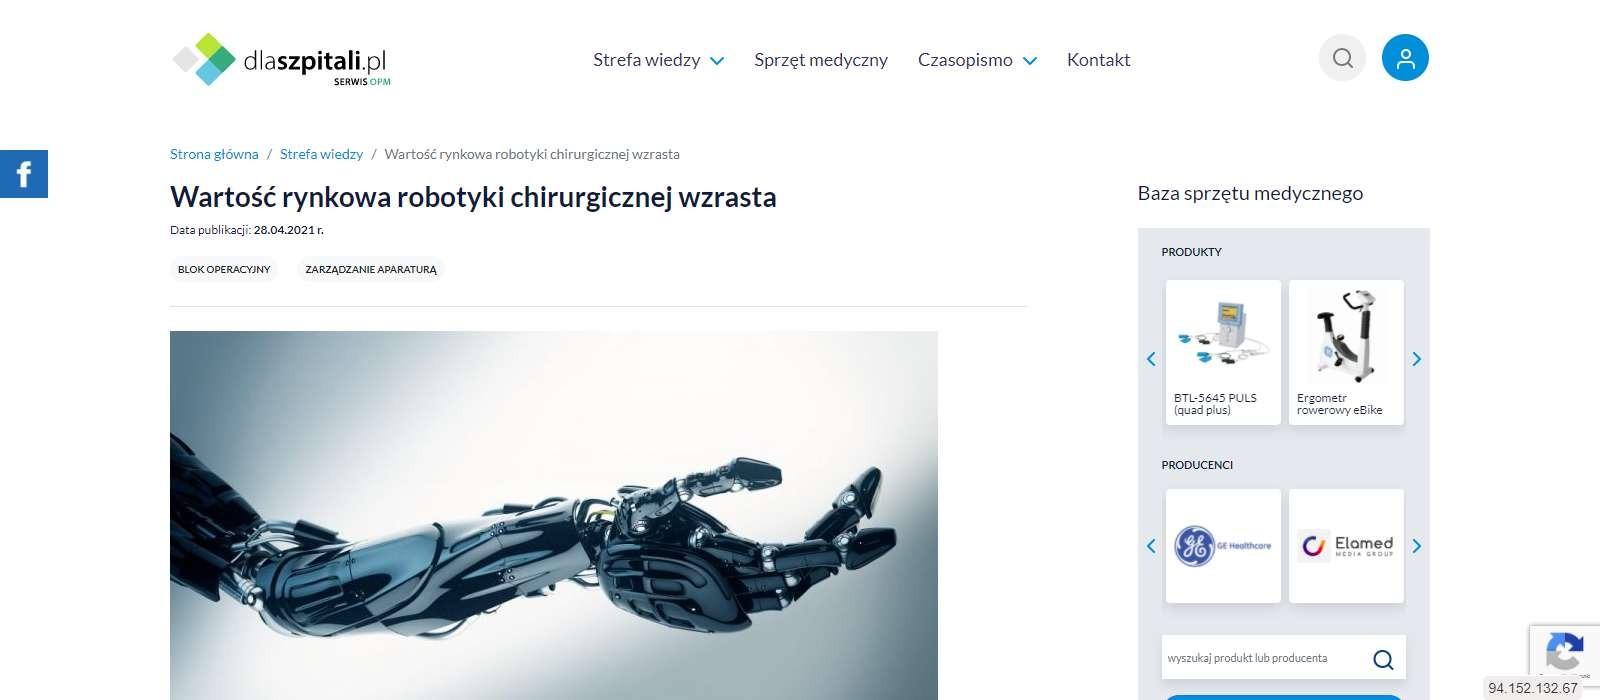 wartosc rynkowa robotyki chirurgicznej wzrasta